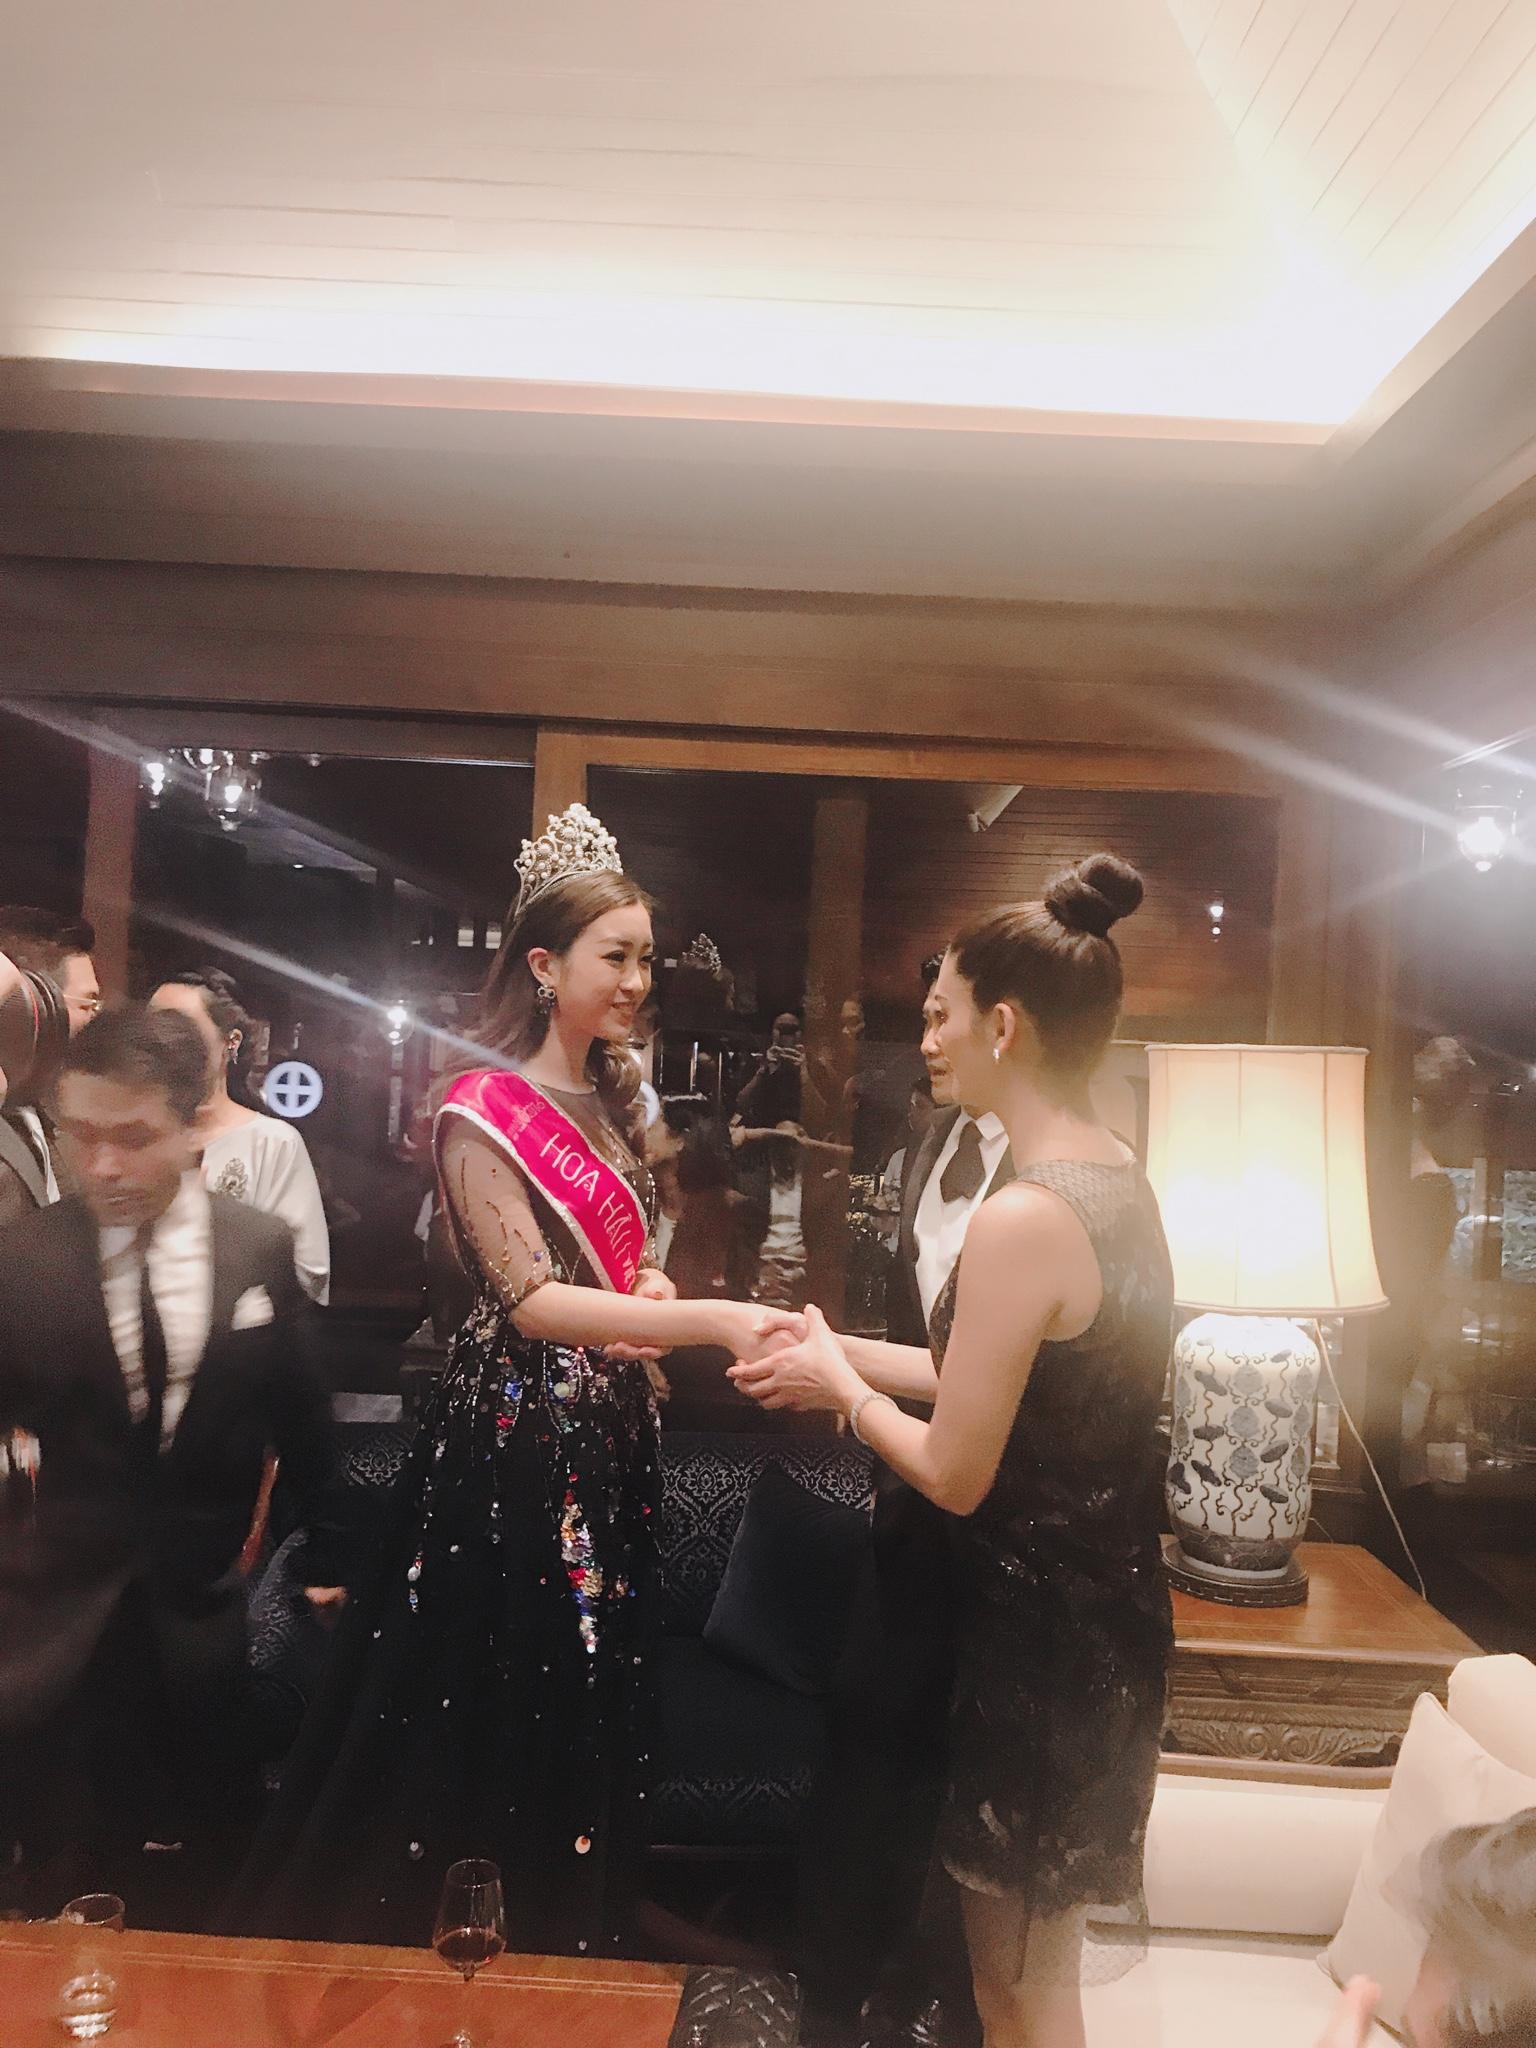 Hoa hậu Mỹ Linh đẹp lấn át Hoa hậu Hoàn vũ thế giới 2015 Pia Wurtzbach 8